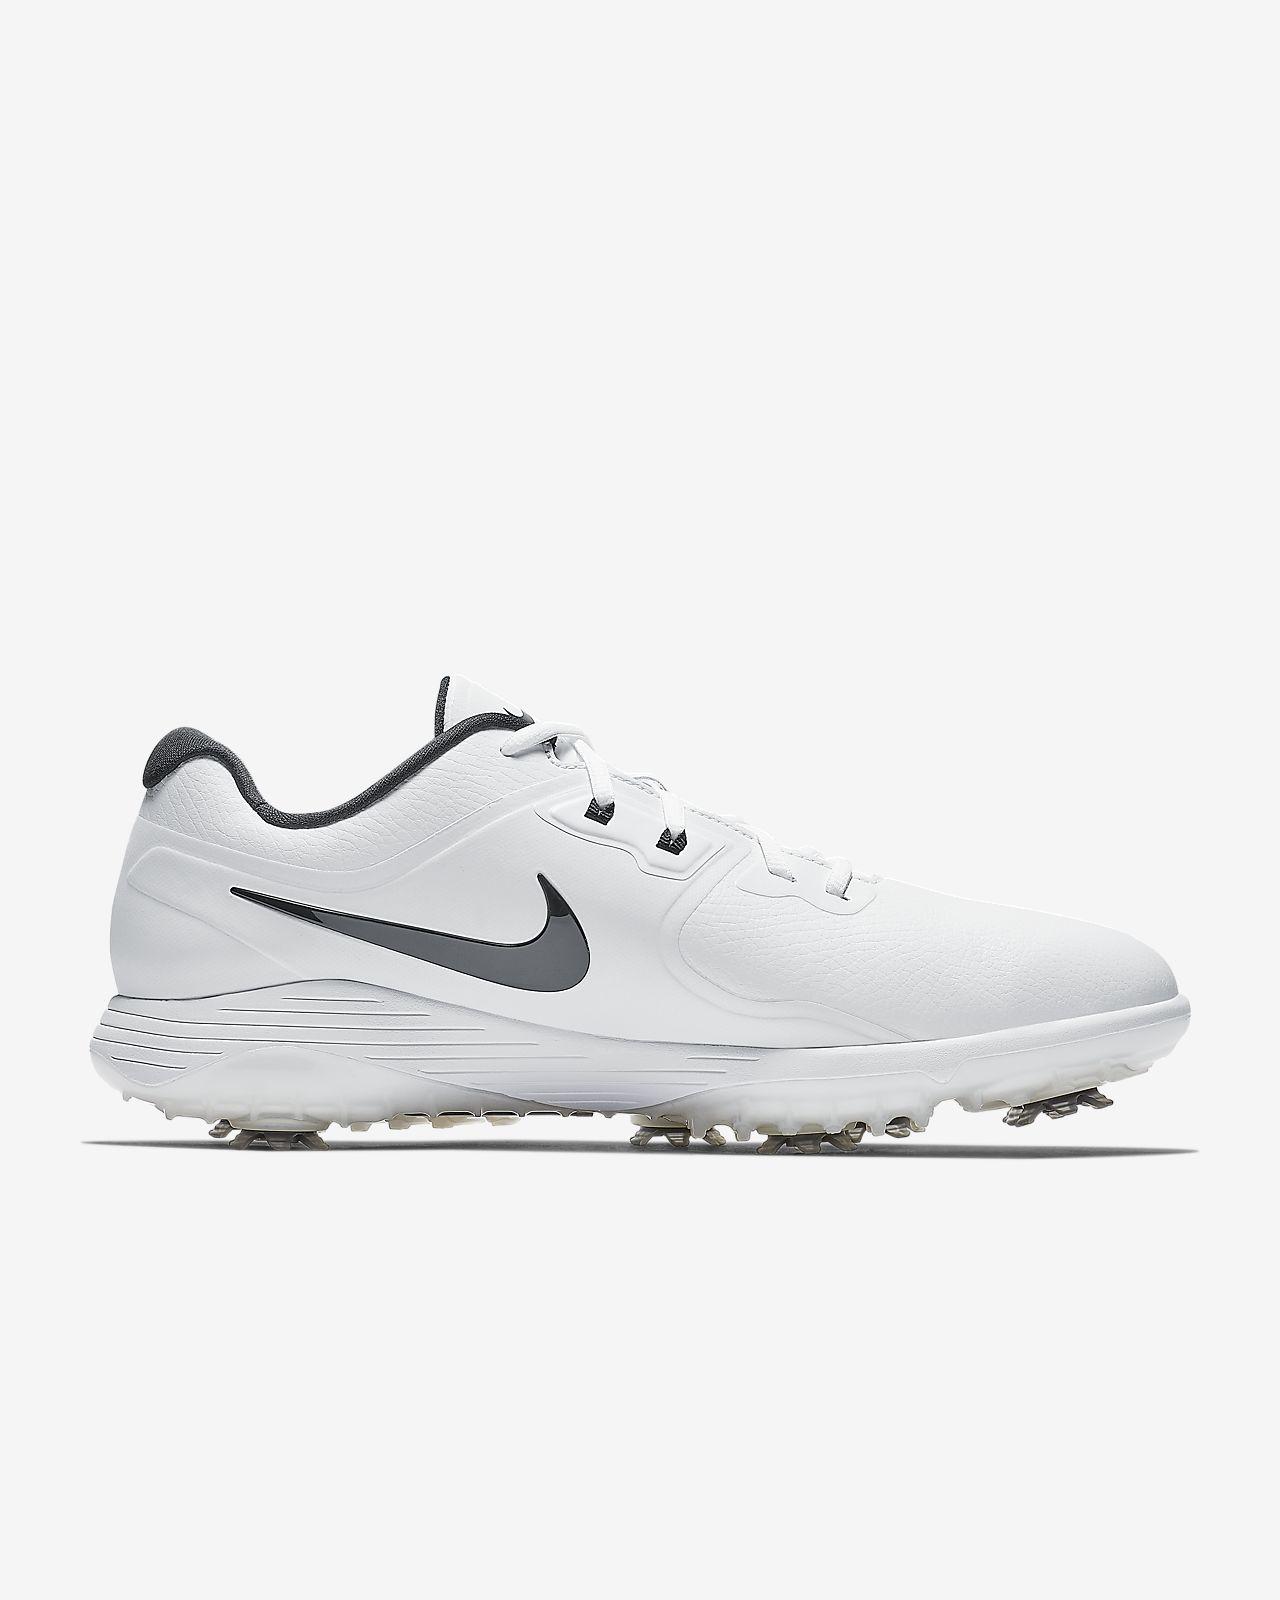 43174f3c8e3d17 Nike Vapor Pro Men s Golf Shoe. Nike.com